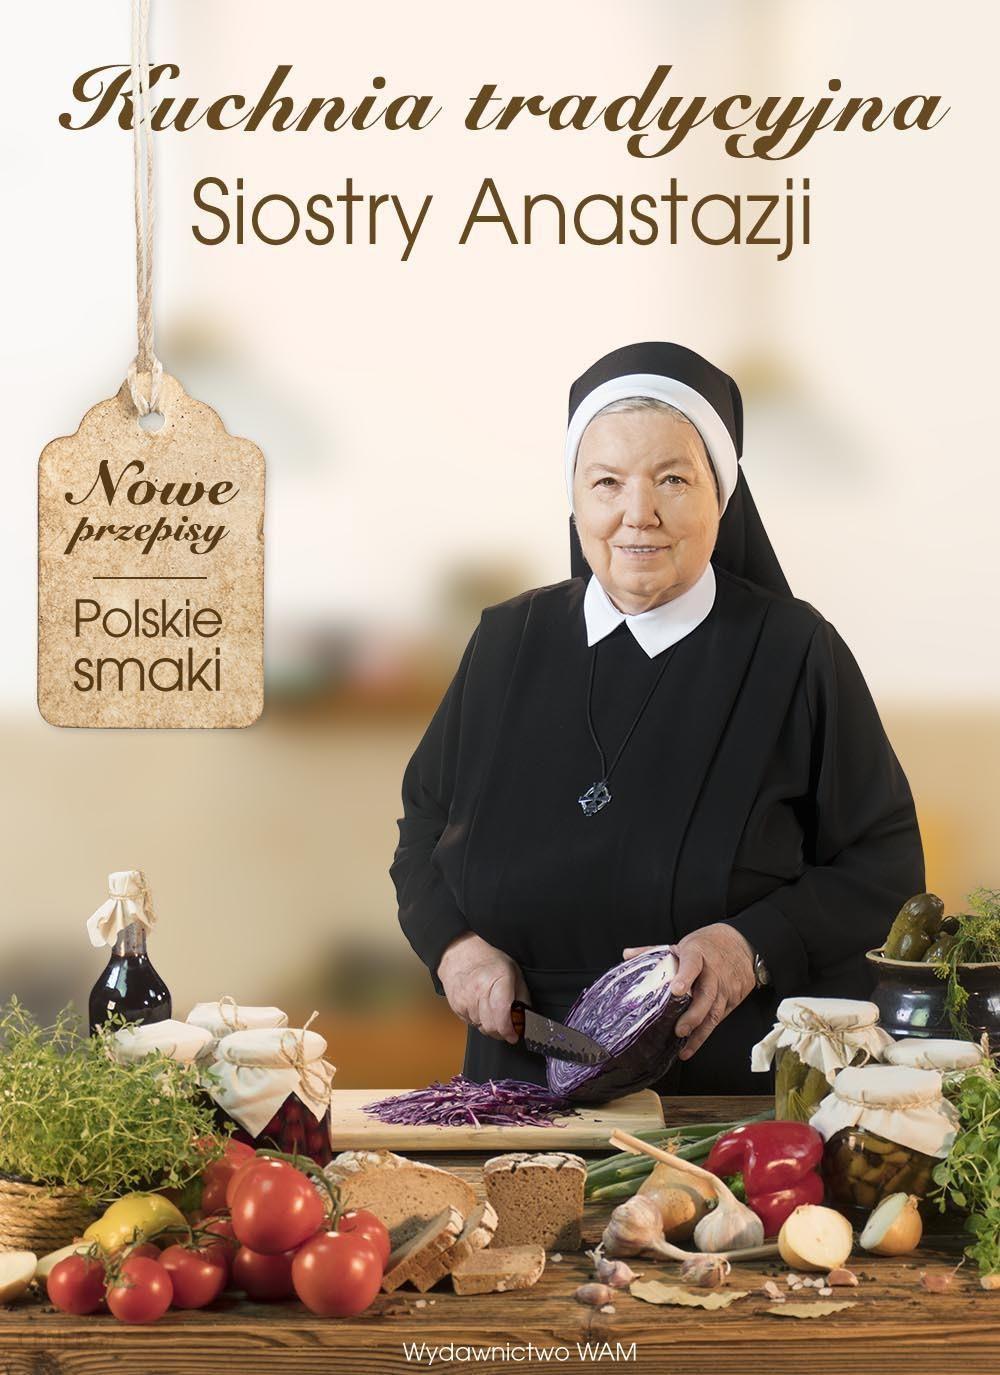 Ksiazka Kuchnia Tradycyjna Siostry Anastazji Wam Ceny I Opinie